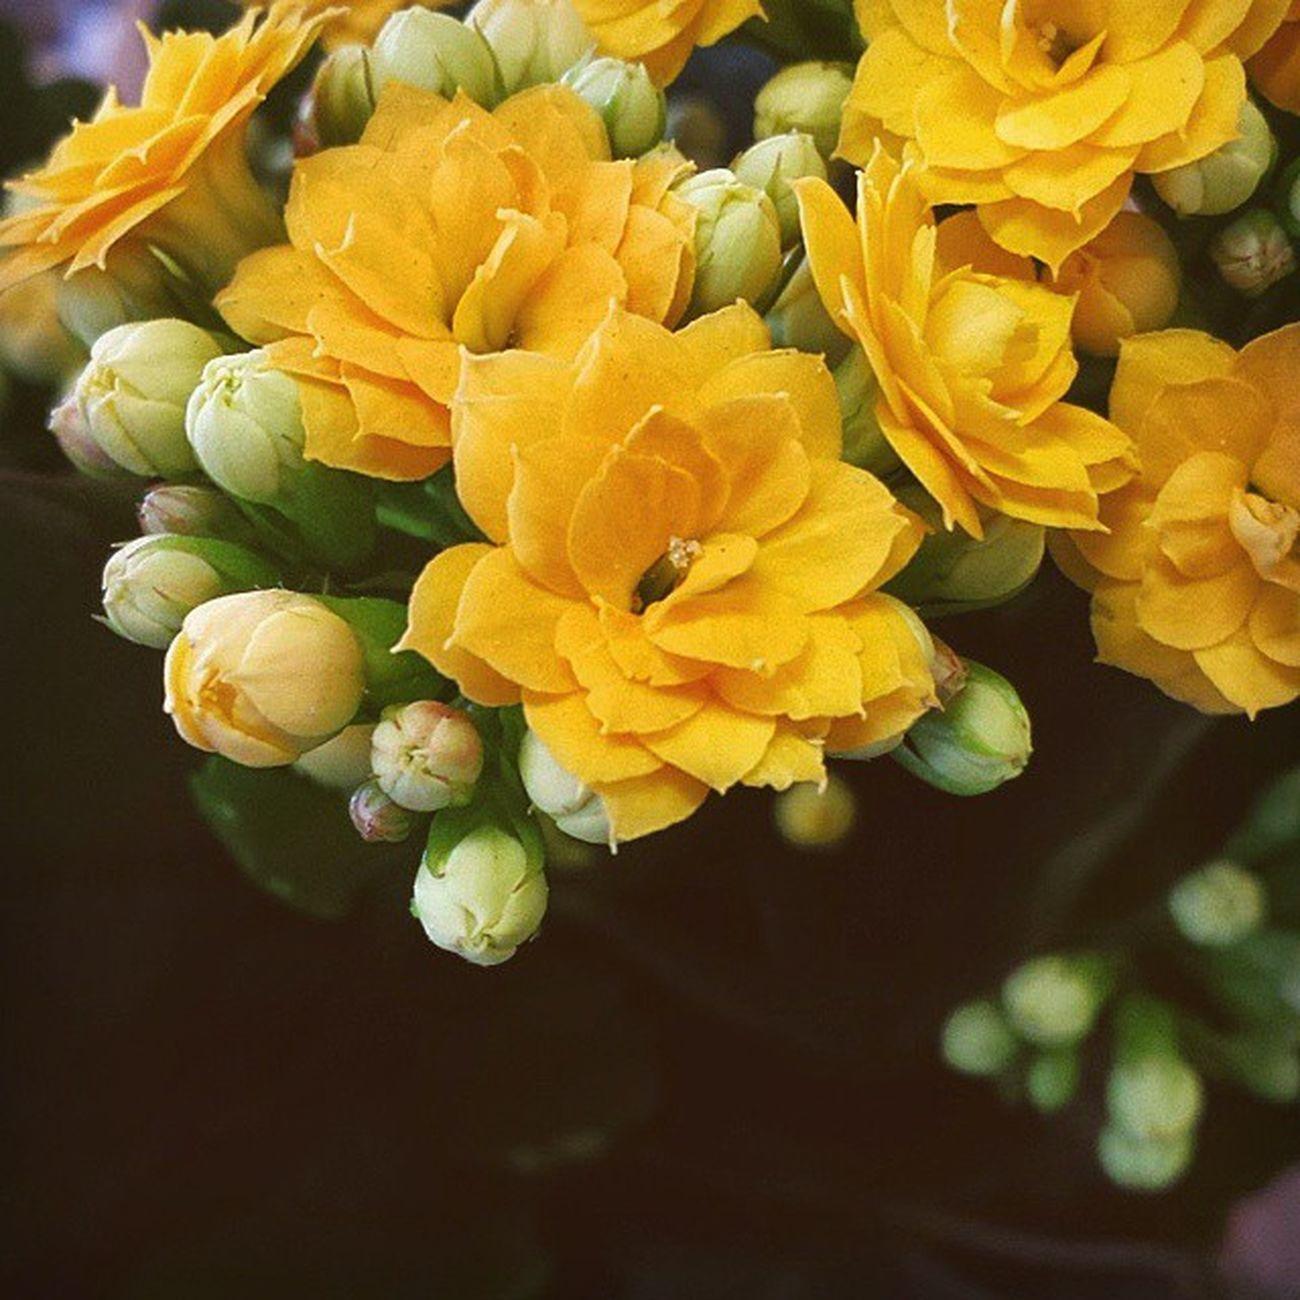 Sunshine bright. Kalanchoe Plants Blooms flowerz nature